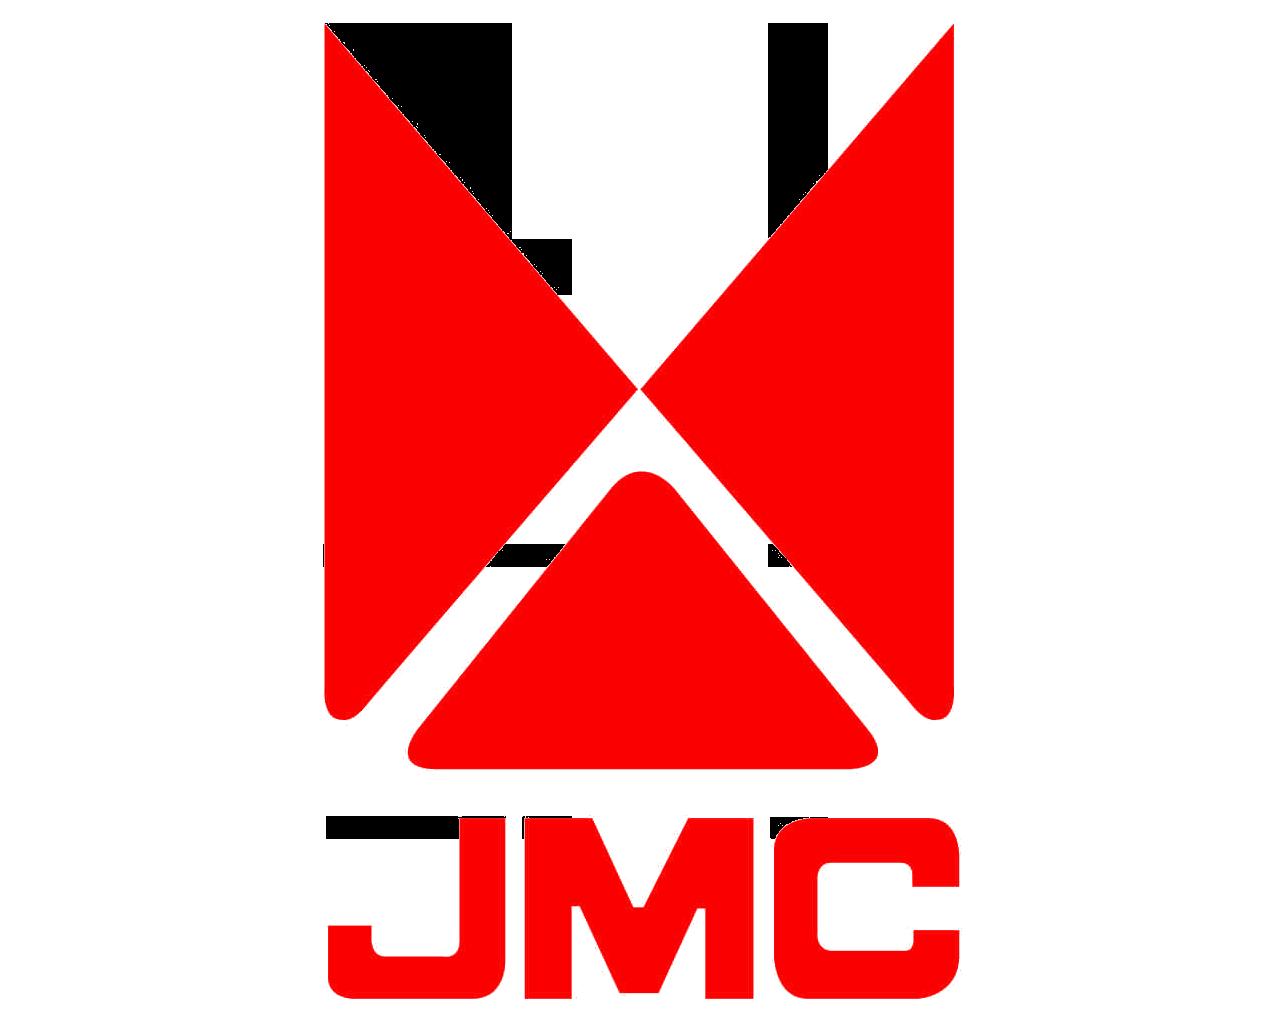 J M C